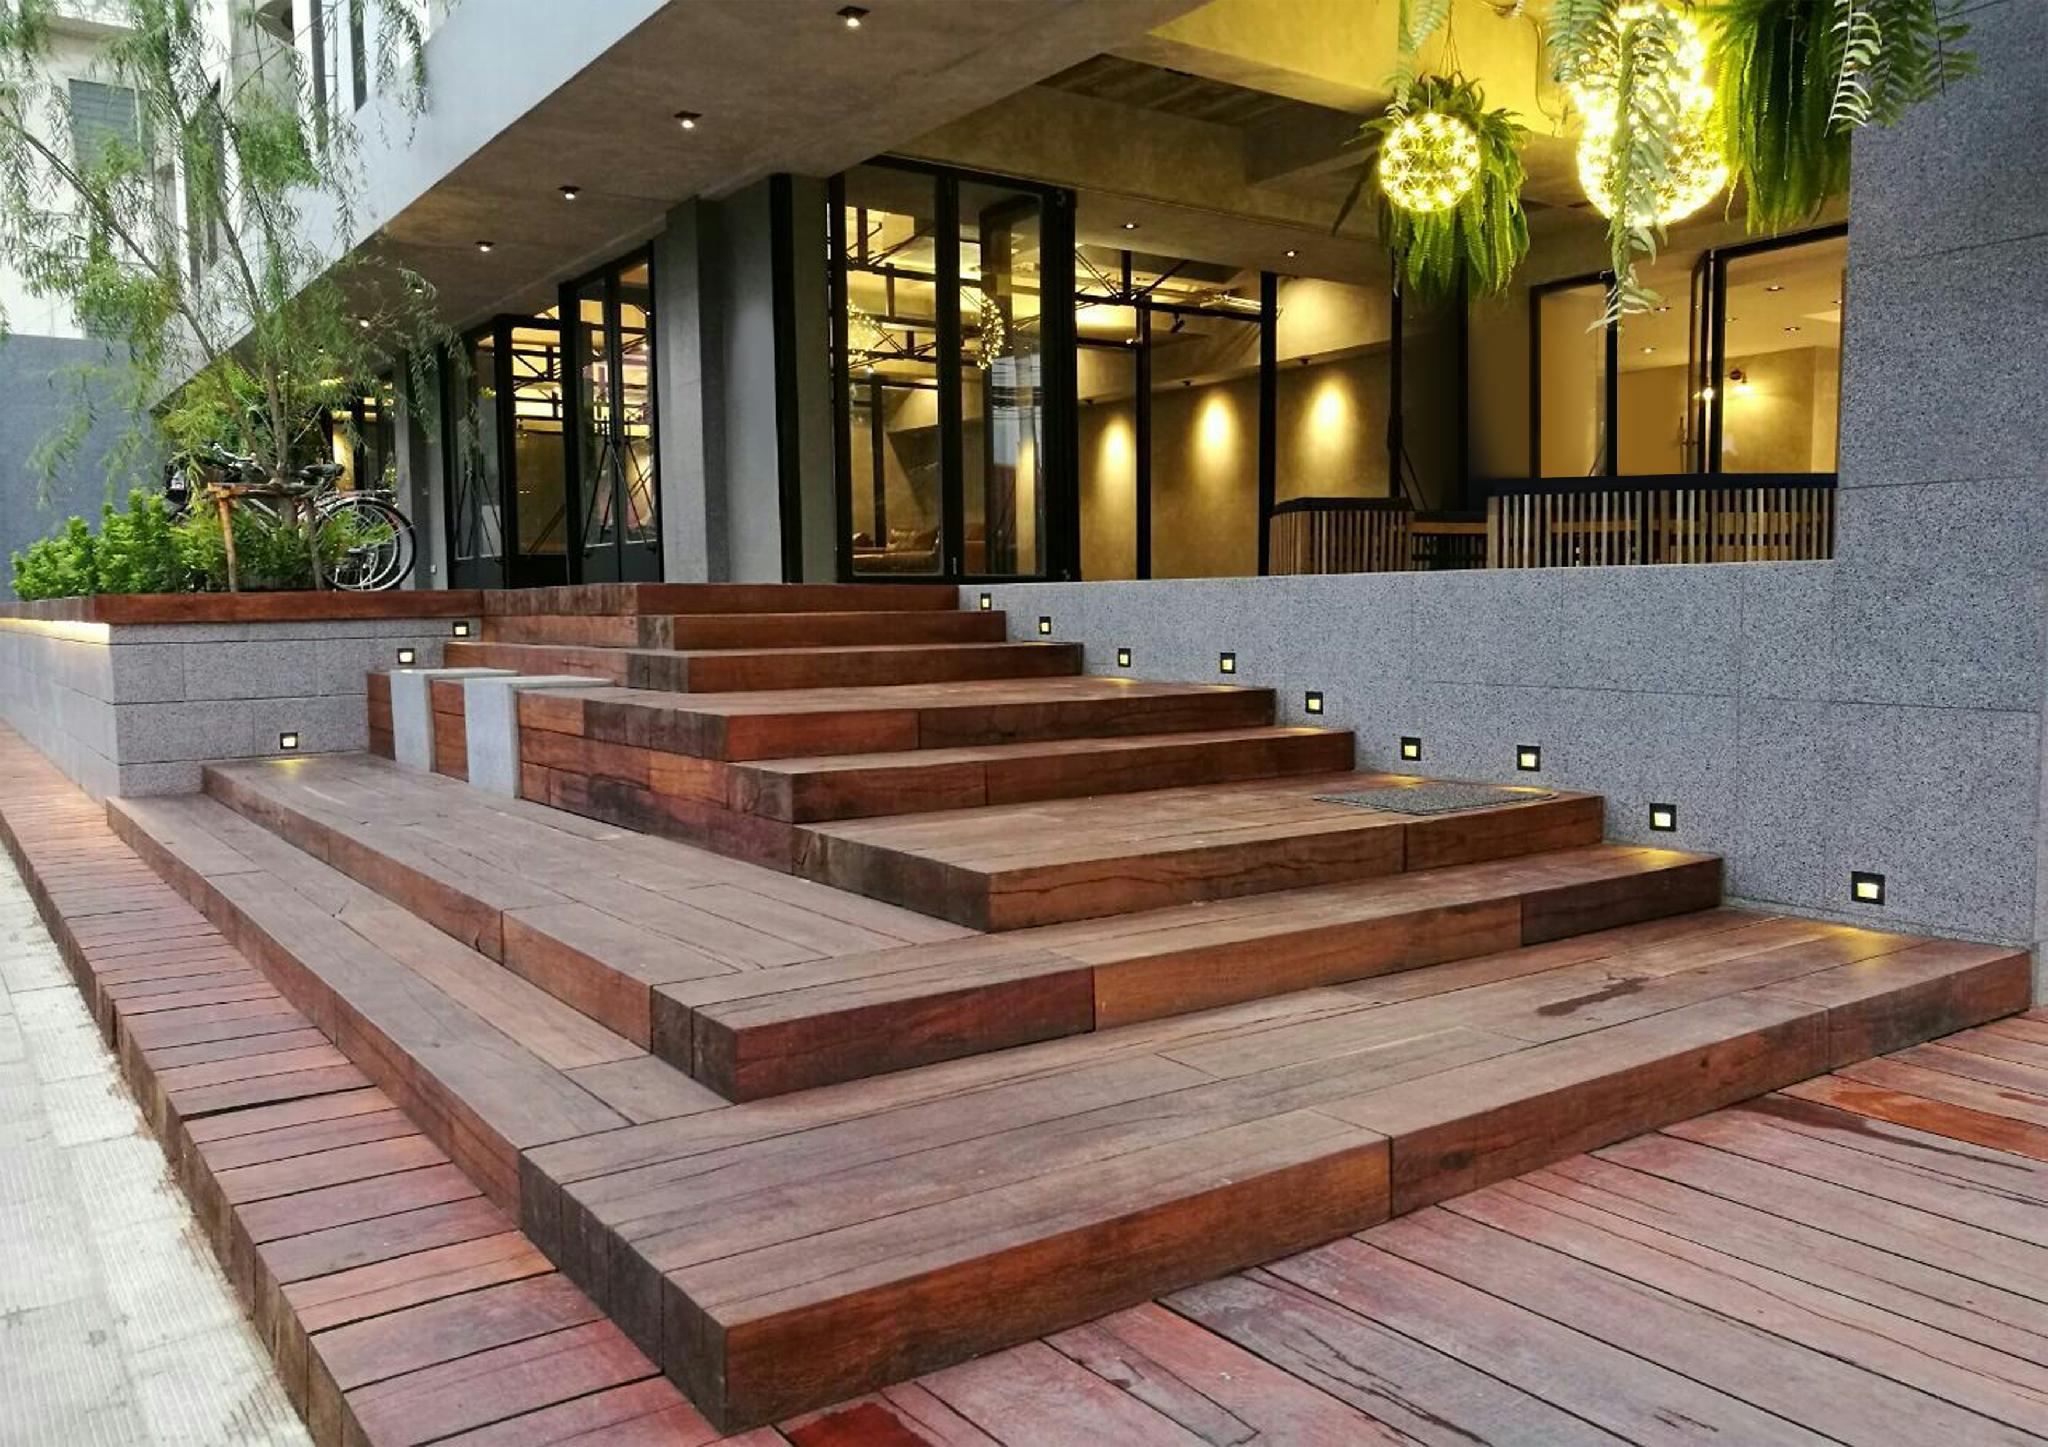 ถูกกว่าถึง 30% โรงแรมบอสโซเทล เชียงใหม่ (Bossotel Chiang Mai Hotel) CR Pantip